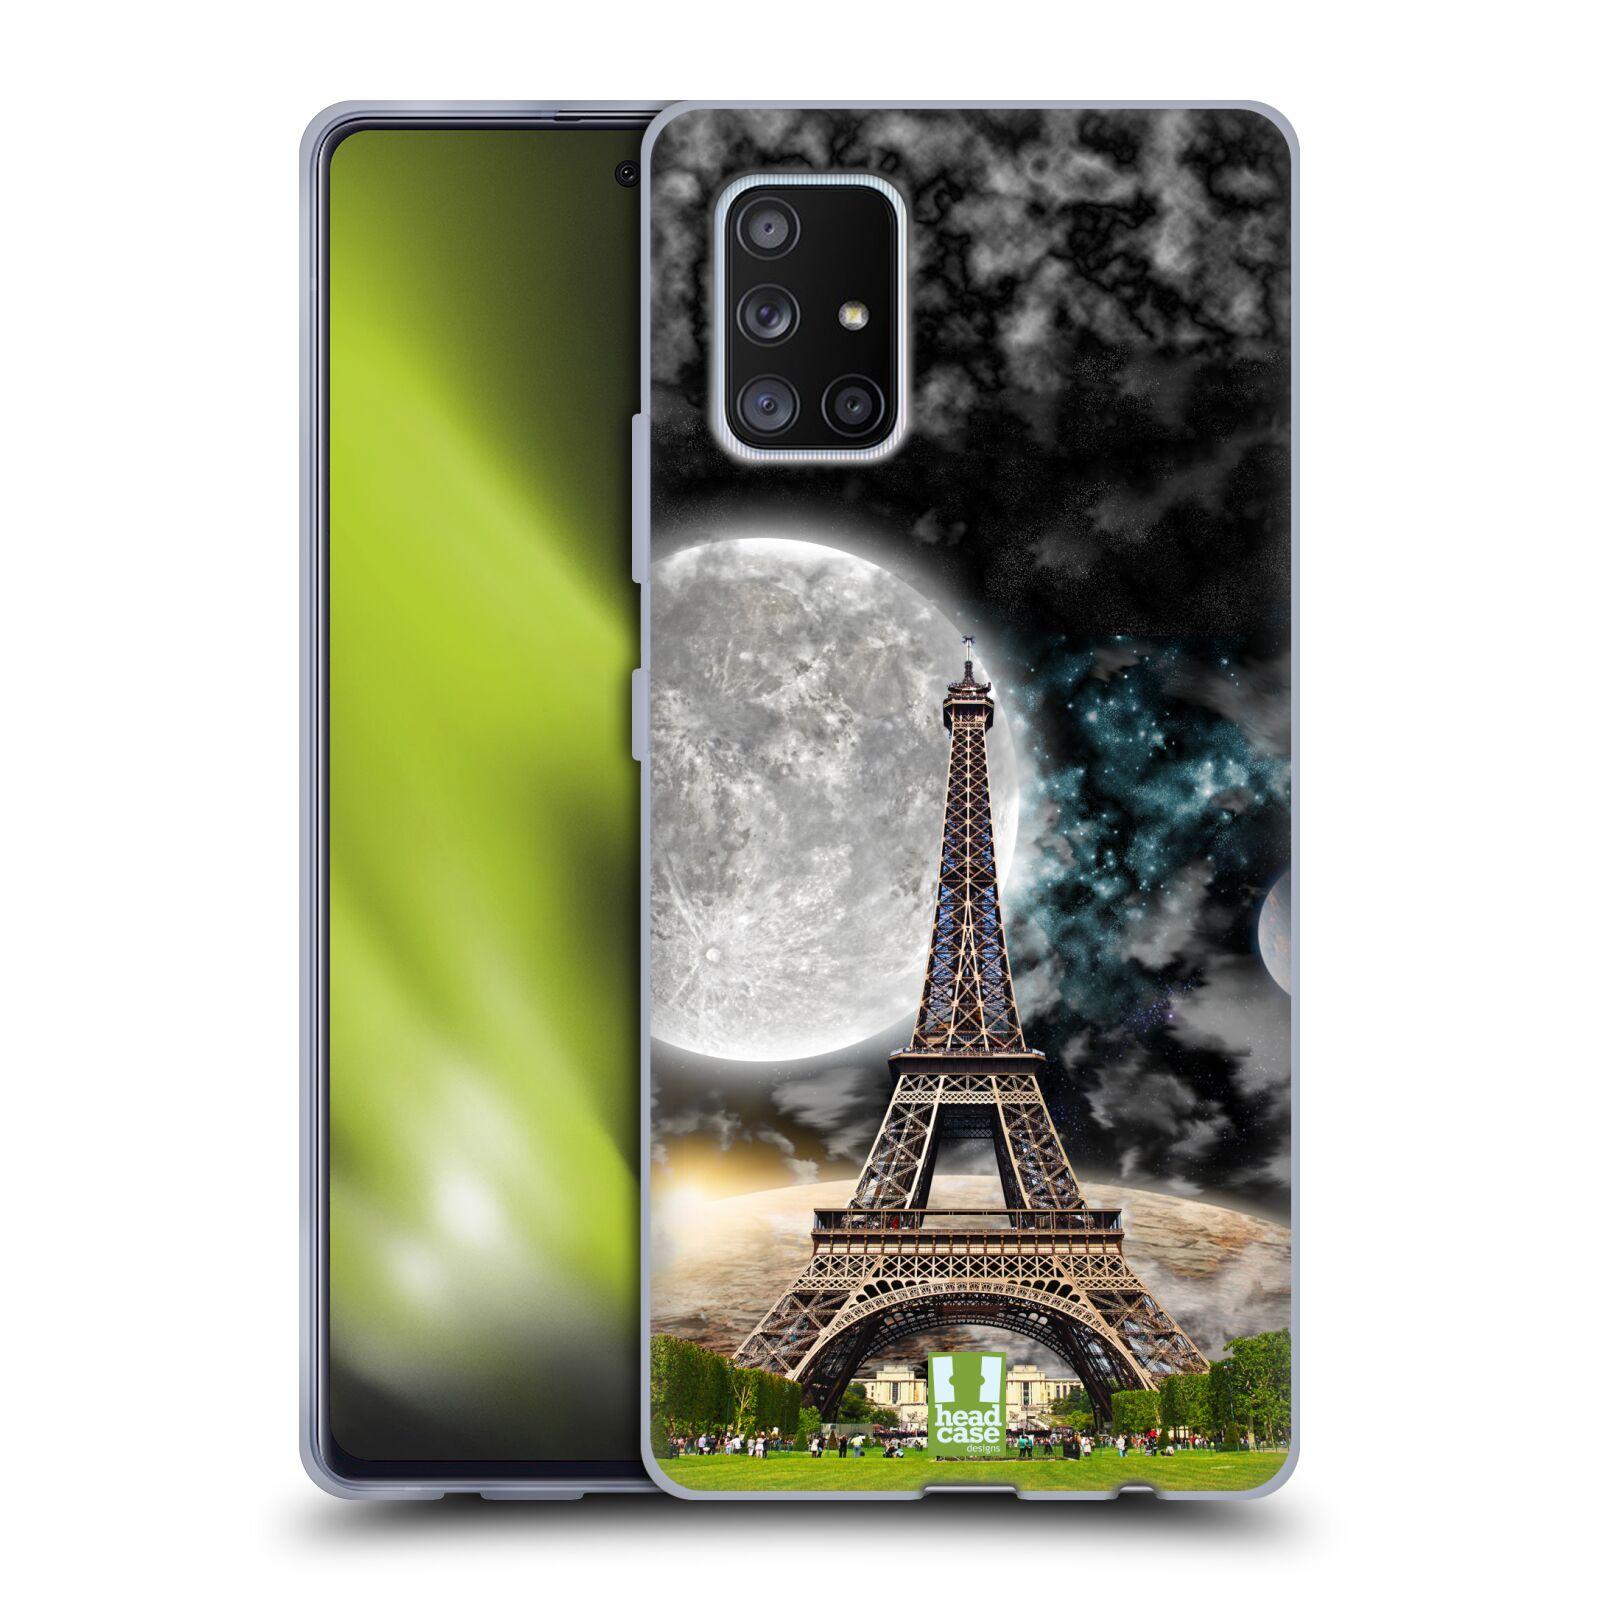 Silikonové pouzdro na mobil Samsung Galaxy A51 5G - Head Case - Měsíční aifelovka - trošku škrábllý potisk